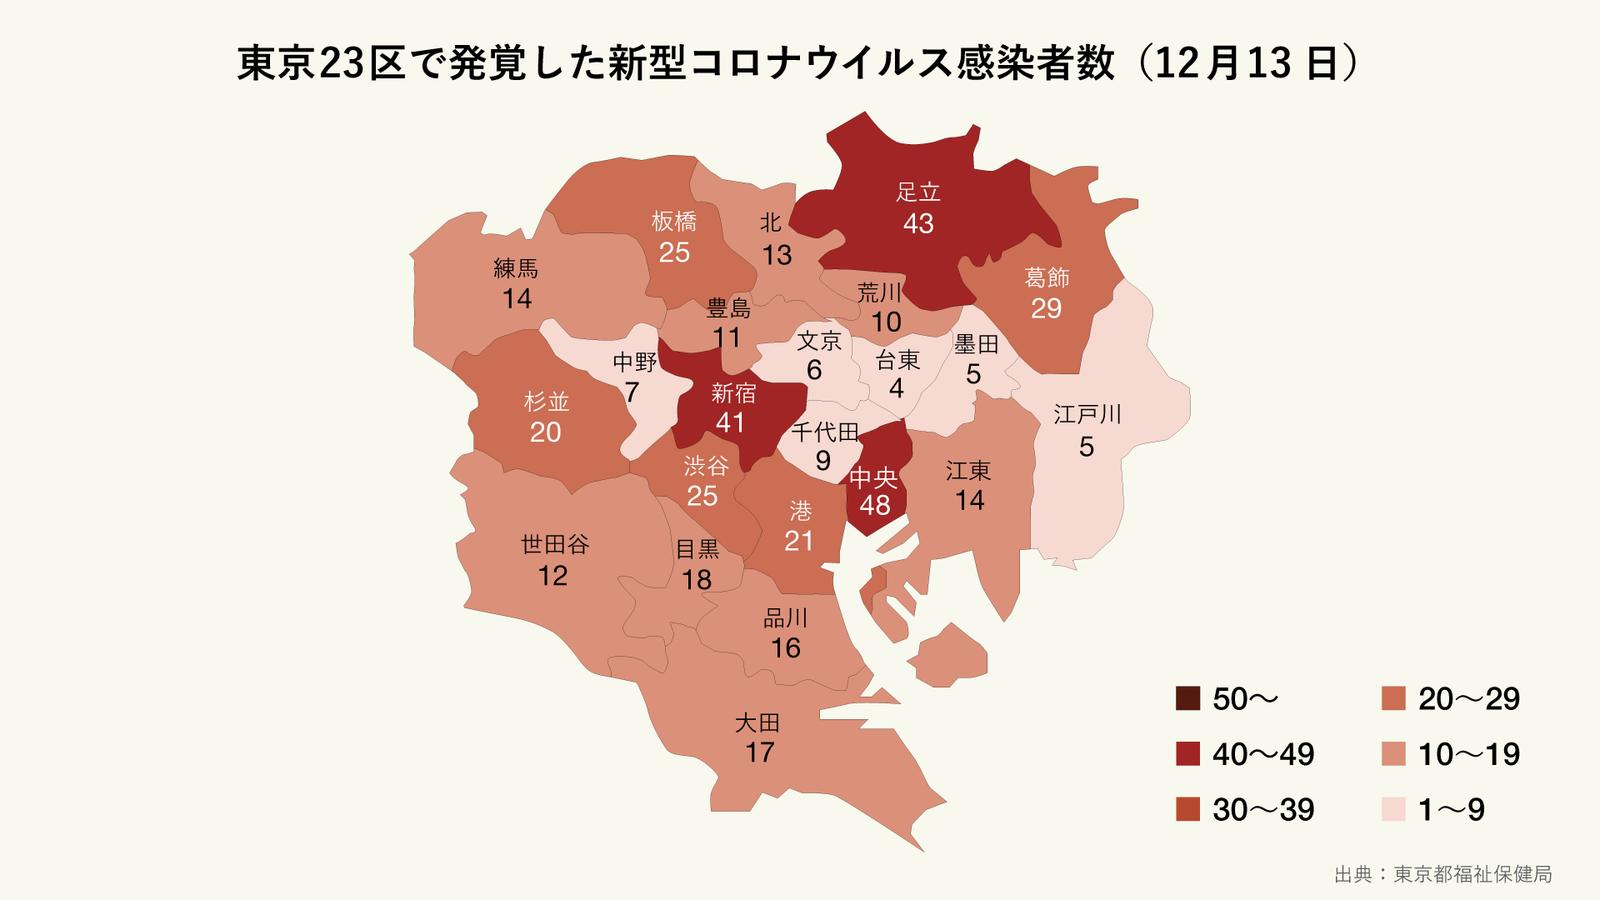 12月13日に発覚した東京23区の区ごとの新型コロナウイルス感染者数(マップ)